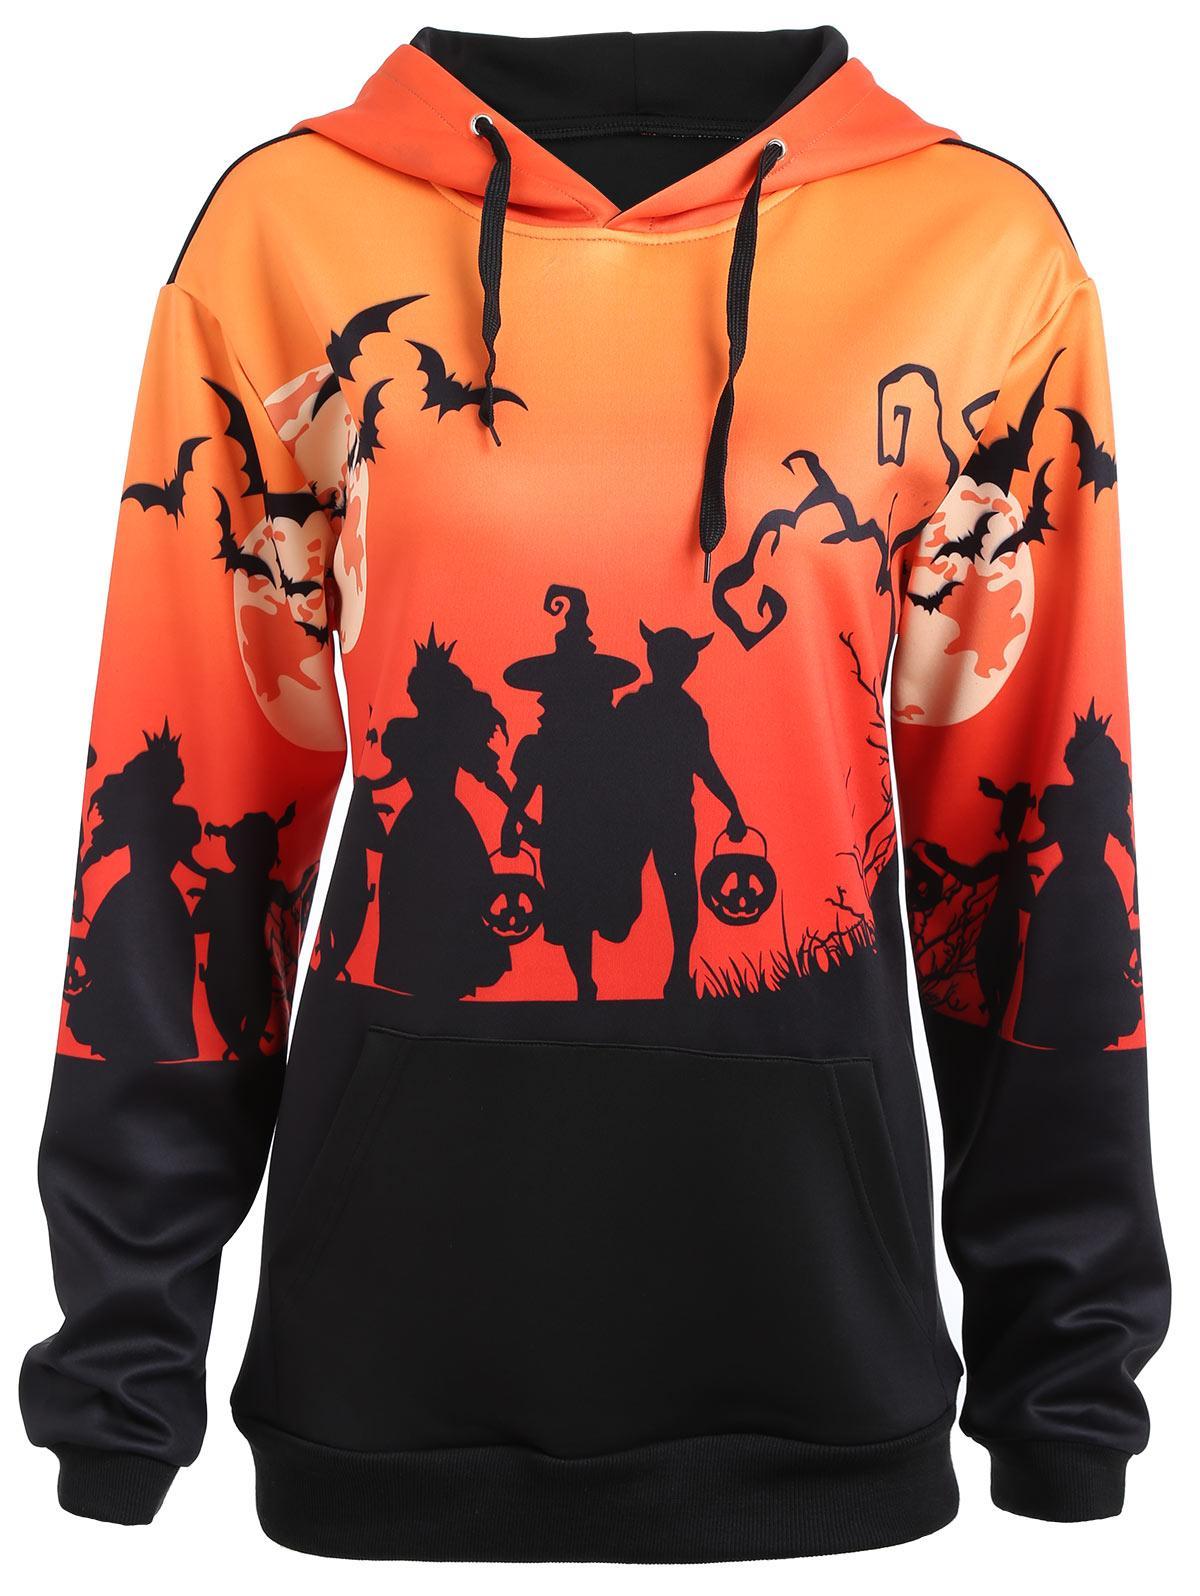 vendita all'ingrosso Plus Size Halloween Moon Bat Stampa Felpa con cappuccio con tasca Inverno caldo coulisse Color Block Felpa con cappuccio Pullover